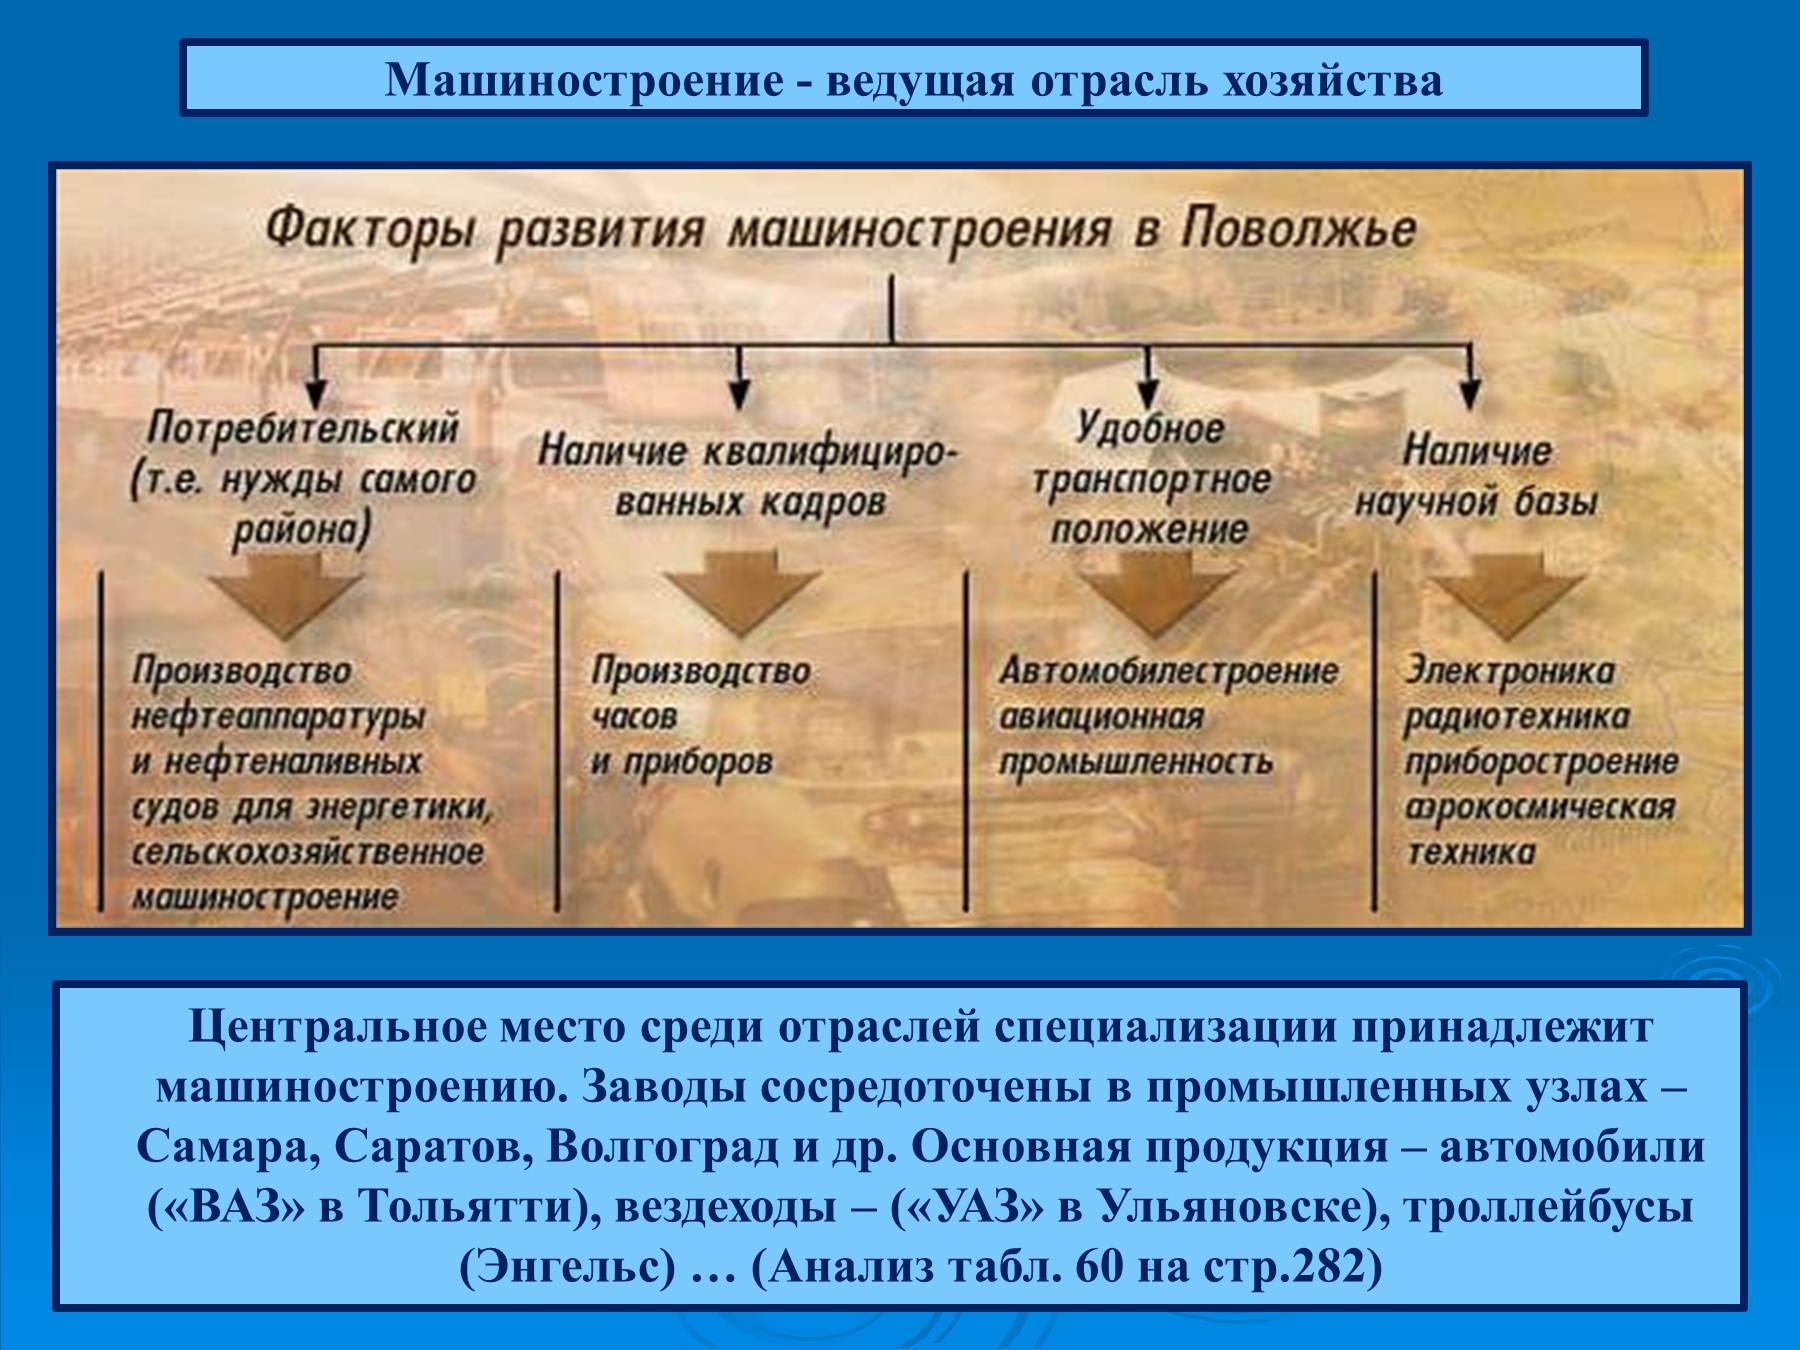 Схема факторы размещения производства